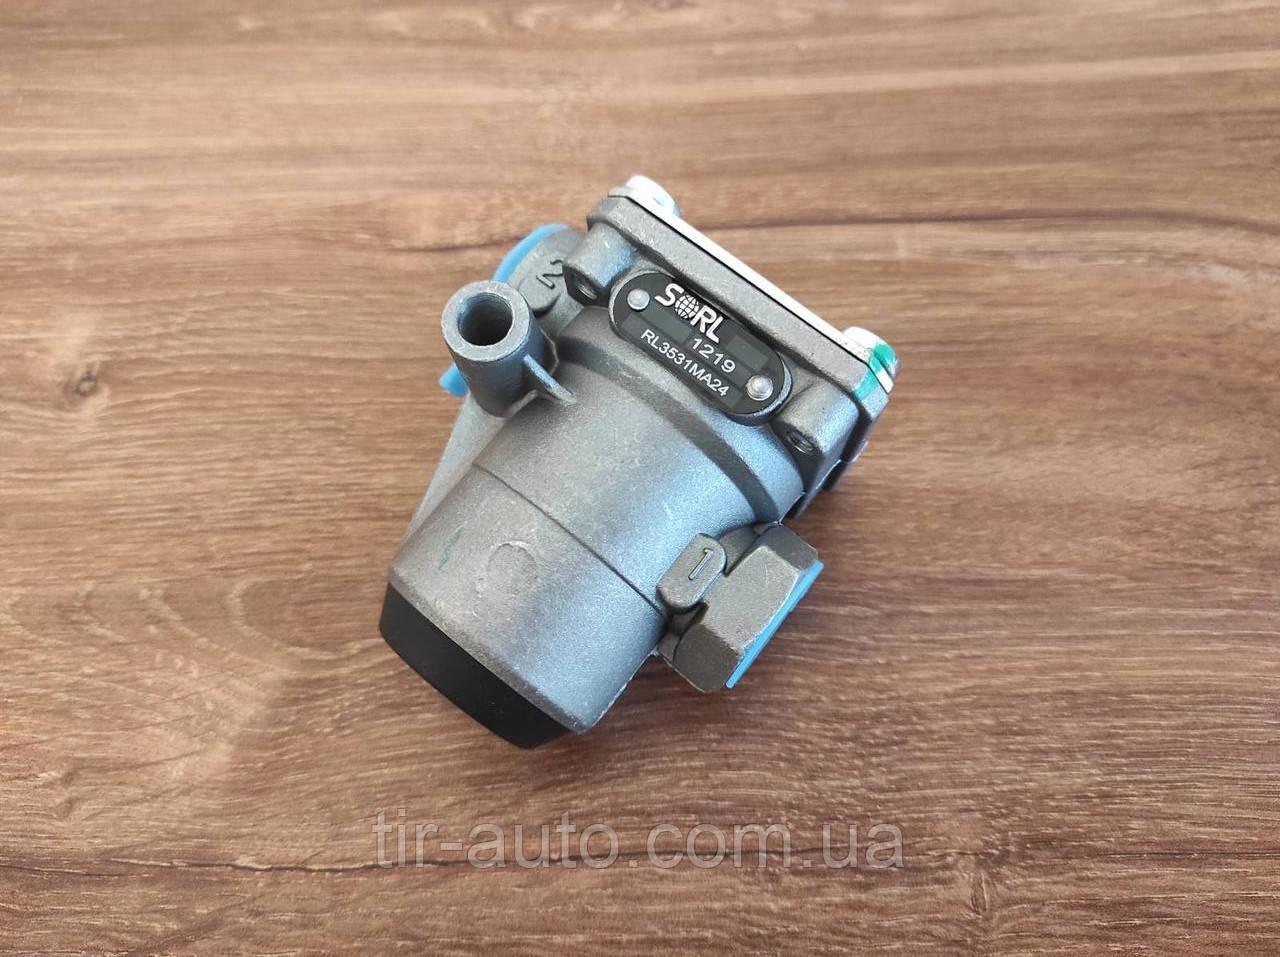 Клапан обмеження тиску MAN TGA, F90, MERCEDES MK (10 Бар; M16x1,5мм ) ( SORL ) RL3531MA24-SL